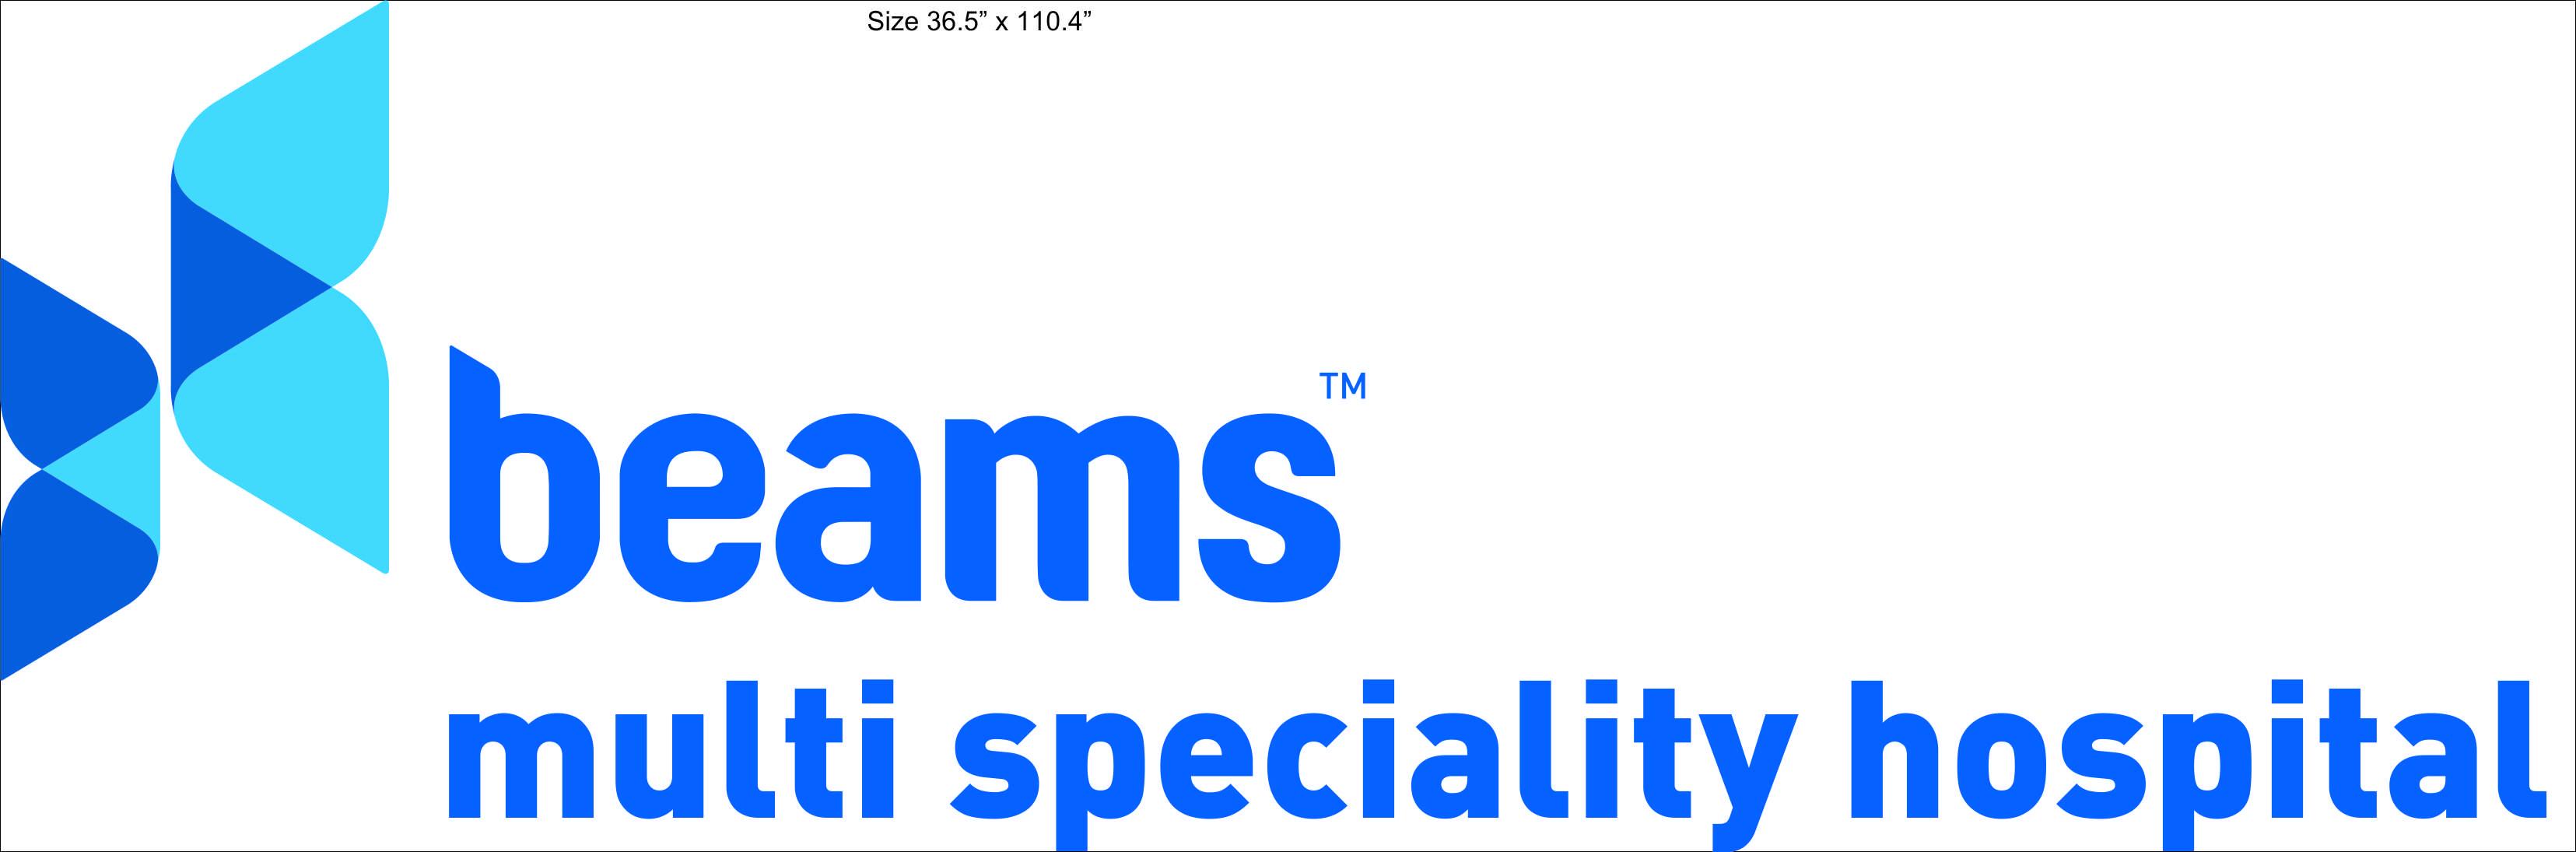 Beams Multispeciality Hospital